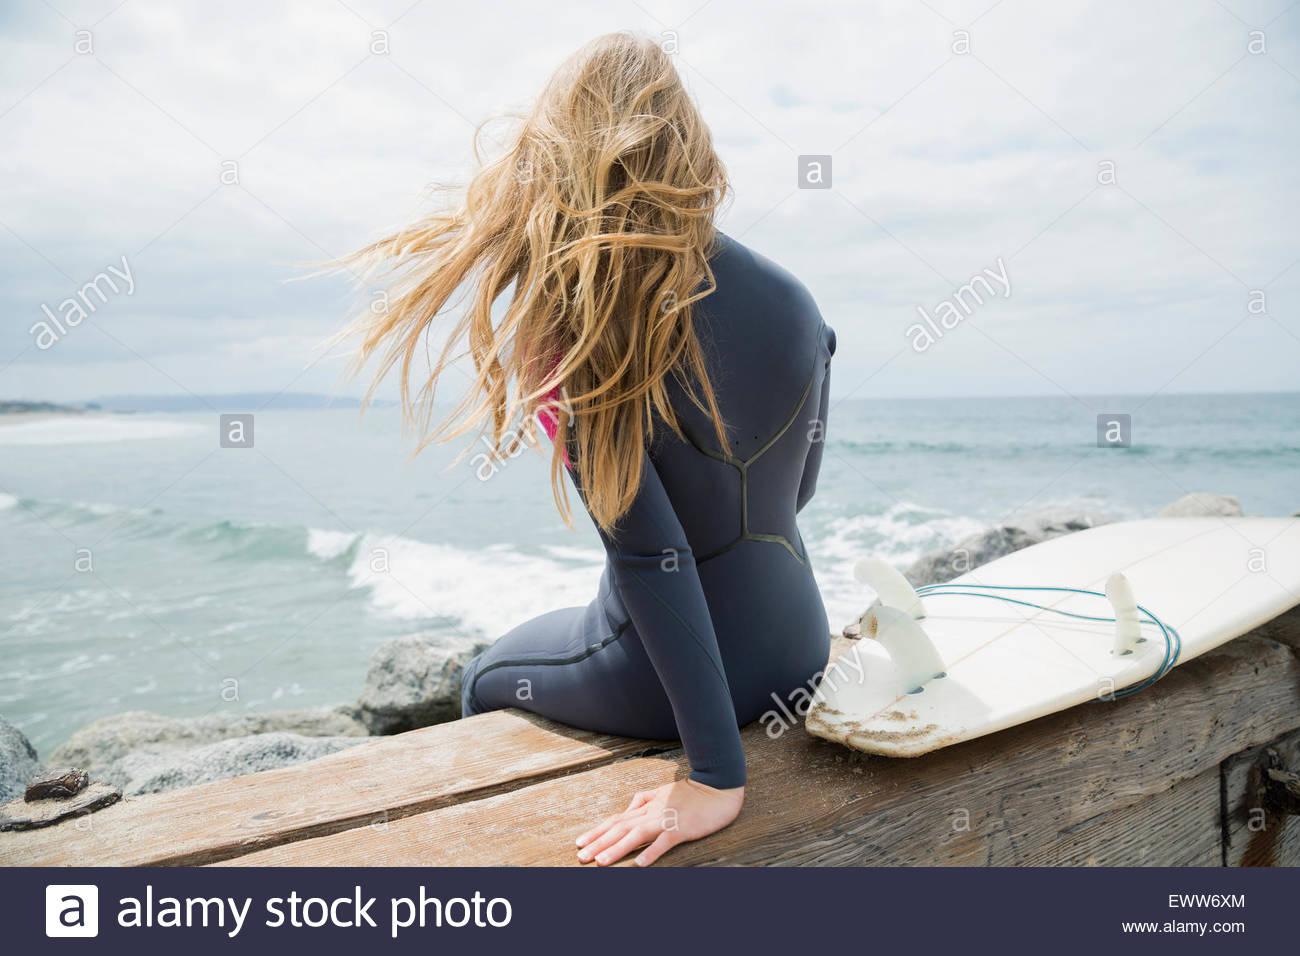 Blonde female surfer assis avec jetée Océan surf Photo Stock